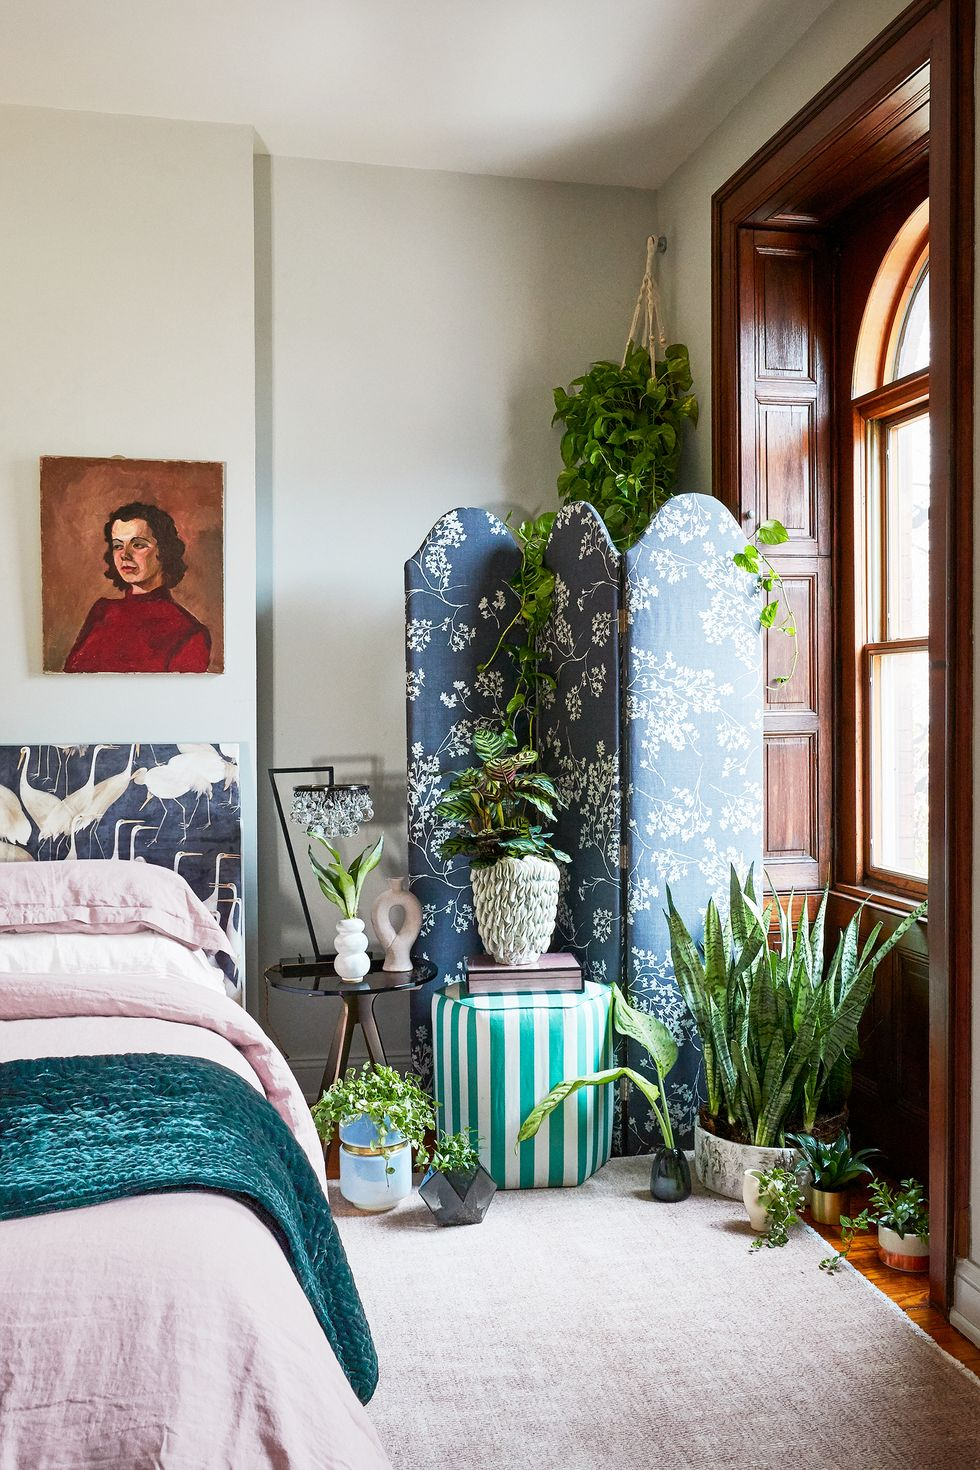 Mang cây xanh tới phòng ngủ của bạn